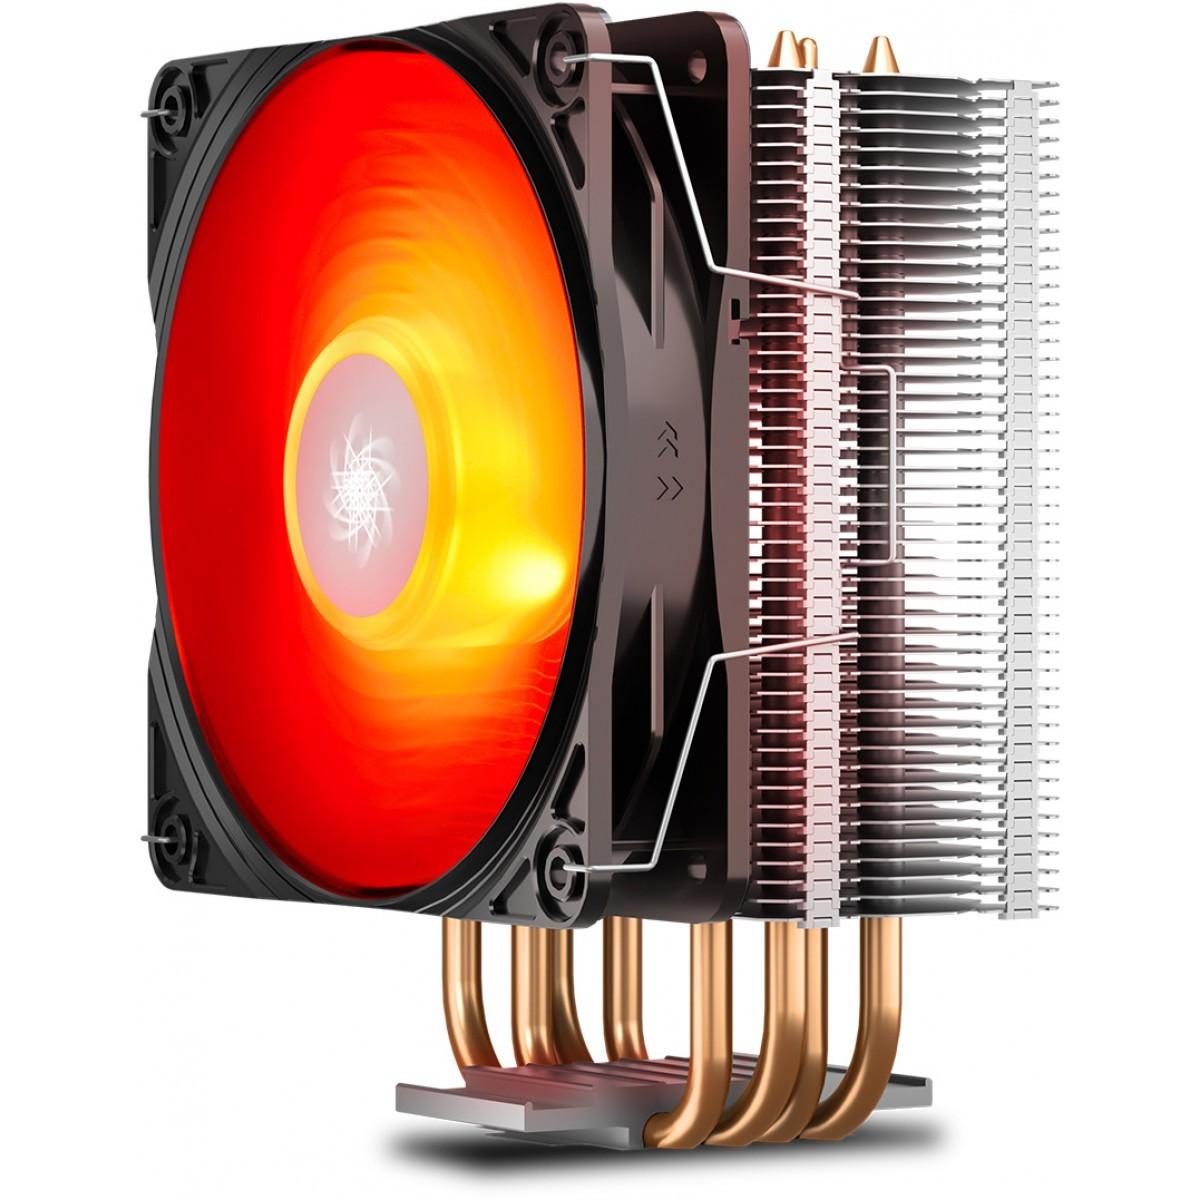 Kit Upgrade  Biostar GeForce GT 610 + Ryzen 3 3300X + Brinde Cooler